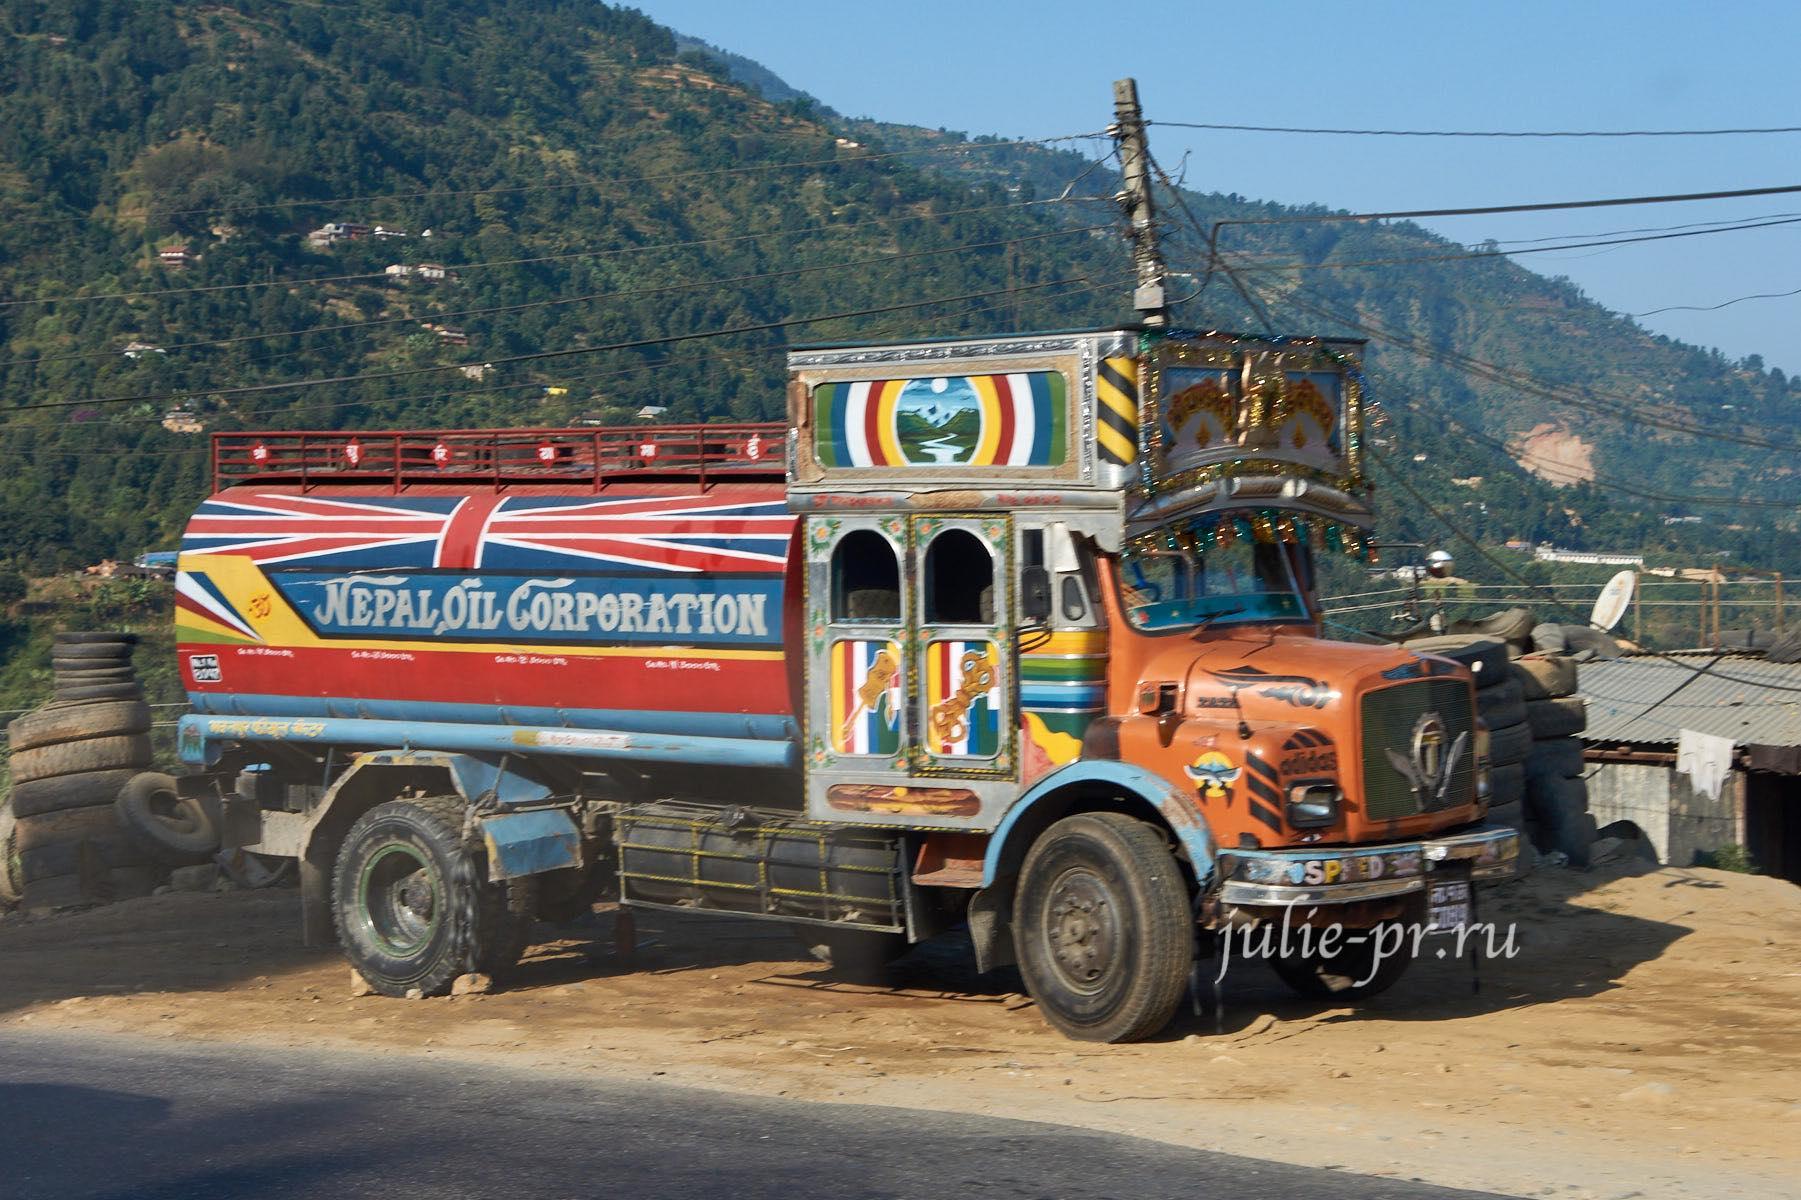 Непал, Грузовик, побрякушки